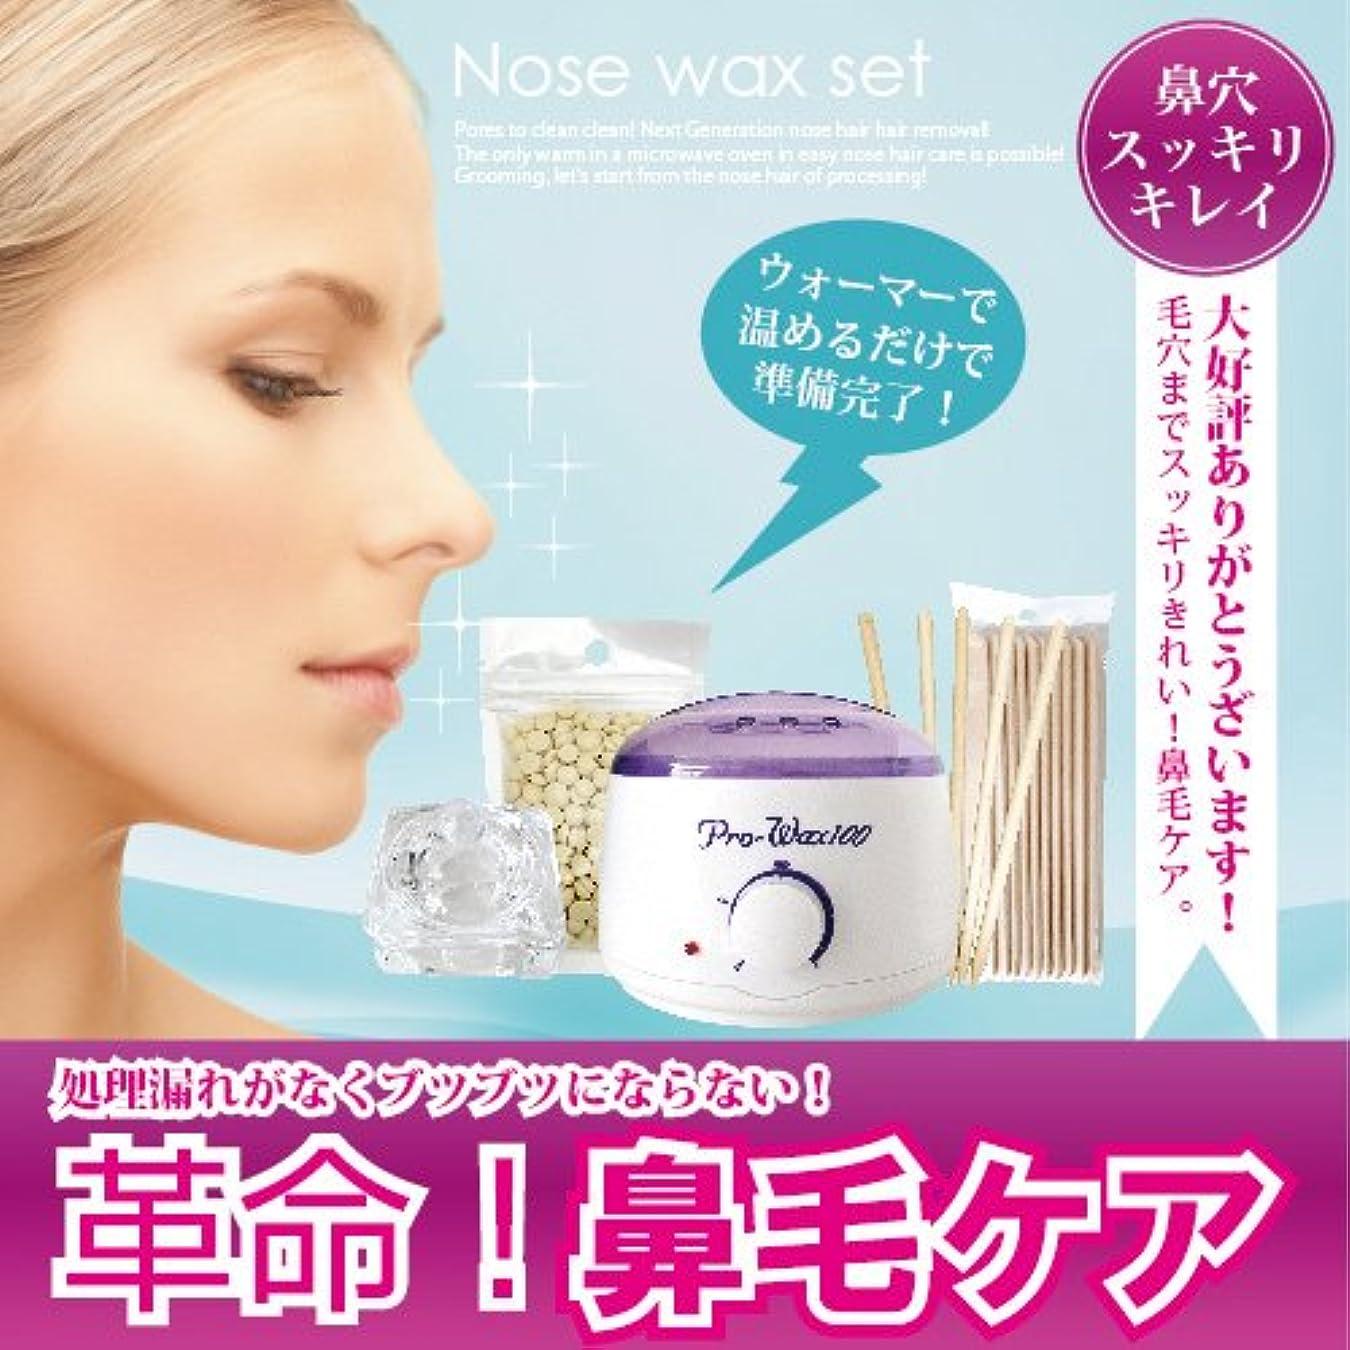 反逆寄り添うガチョウブラジリアンワックス Nose wax setウォーマー付ノーズワックス鼻毛ケアセット(約12回分)